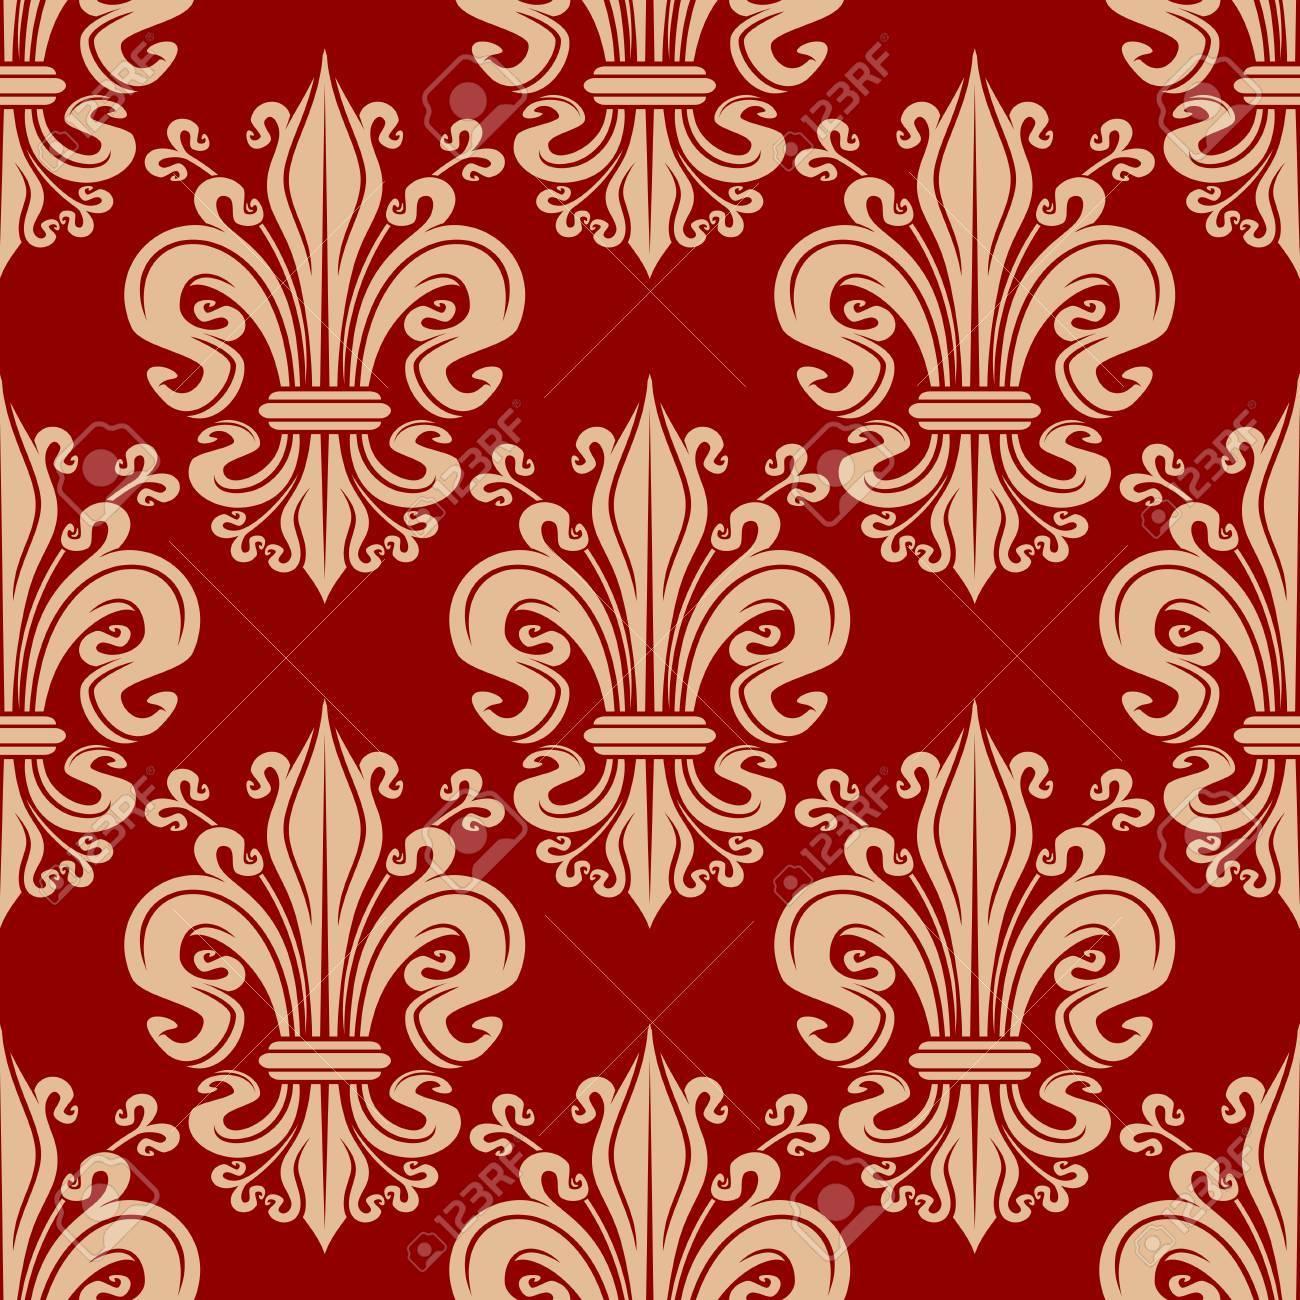 Vintage Seamless Beige Fleur De Lis Floral Pattern On Red Background